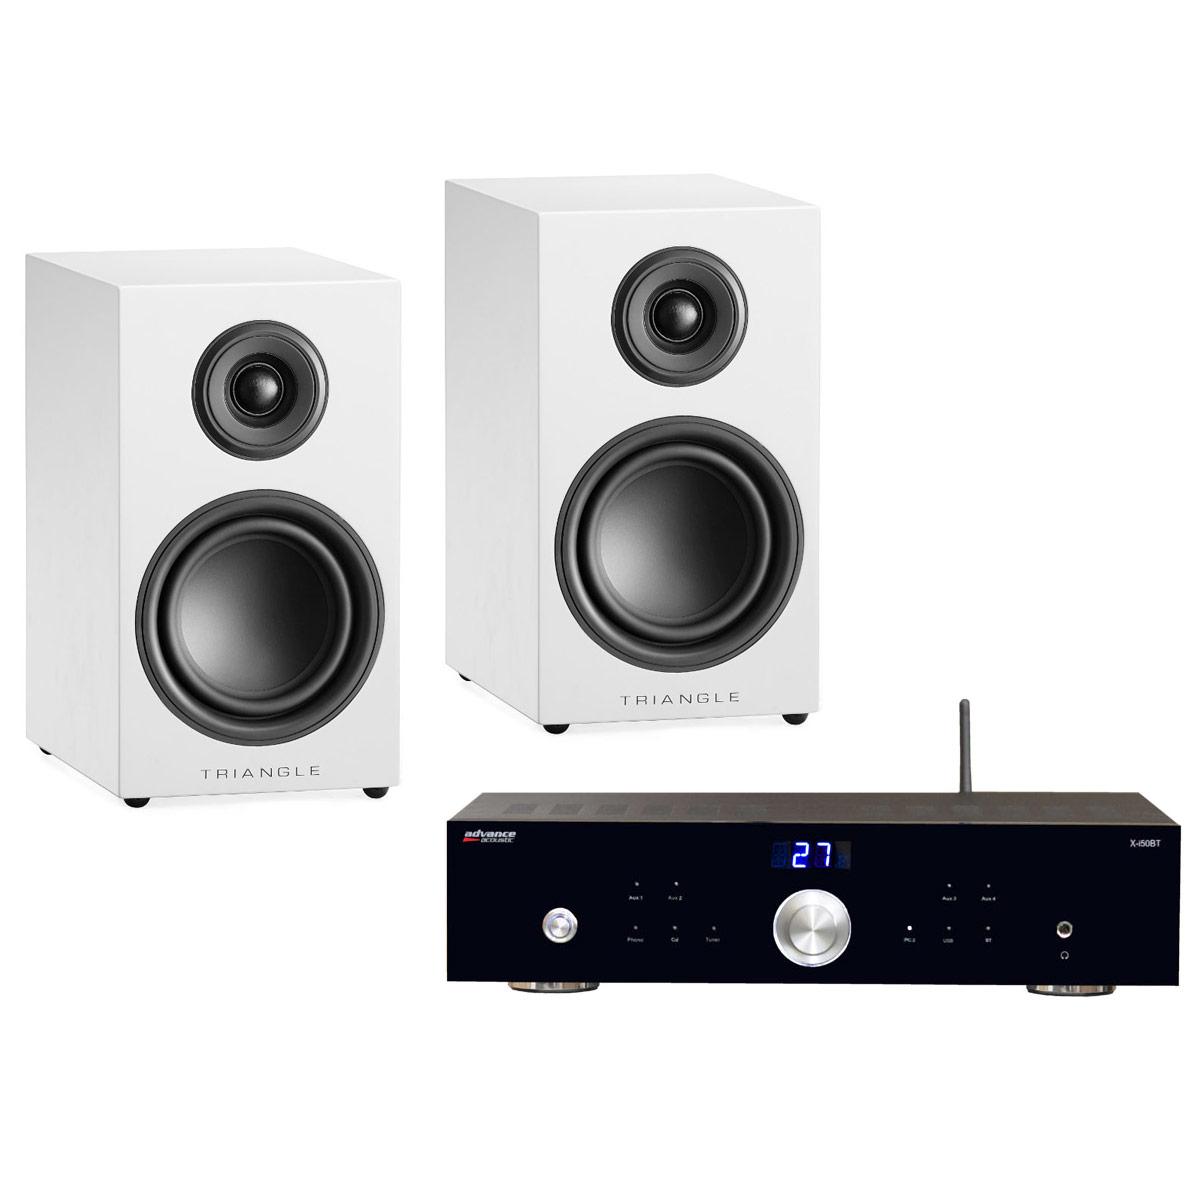 Ensemble Hifi Advance Acoustic X-i50BT + Triangle Elara LN01 Blanc Laqué Amplificateur intégré 2 x 50 Watts avec DAC USB et Bluetooth + Enceinte bibliothèque compacte 50 W Bass-Reflex (par paire)